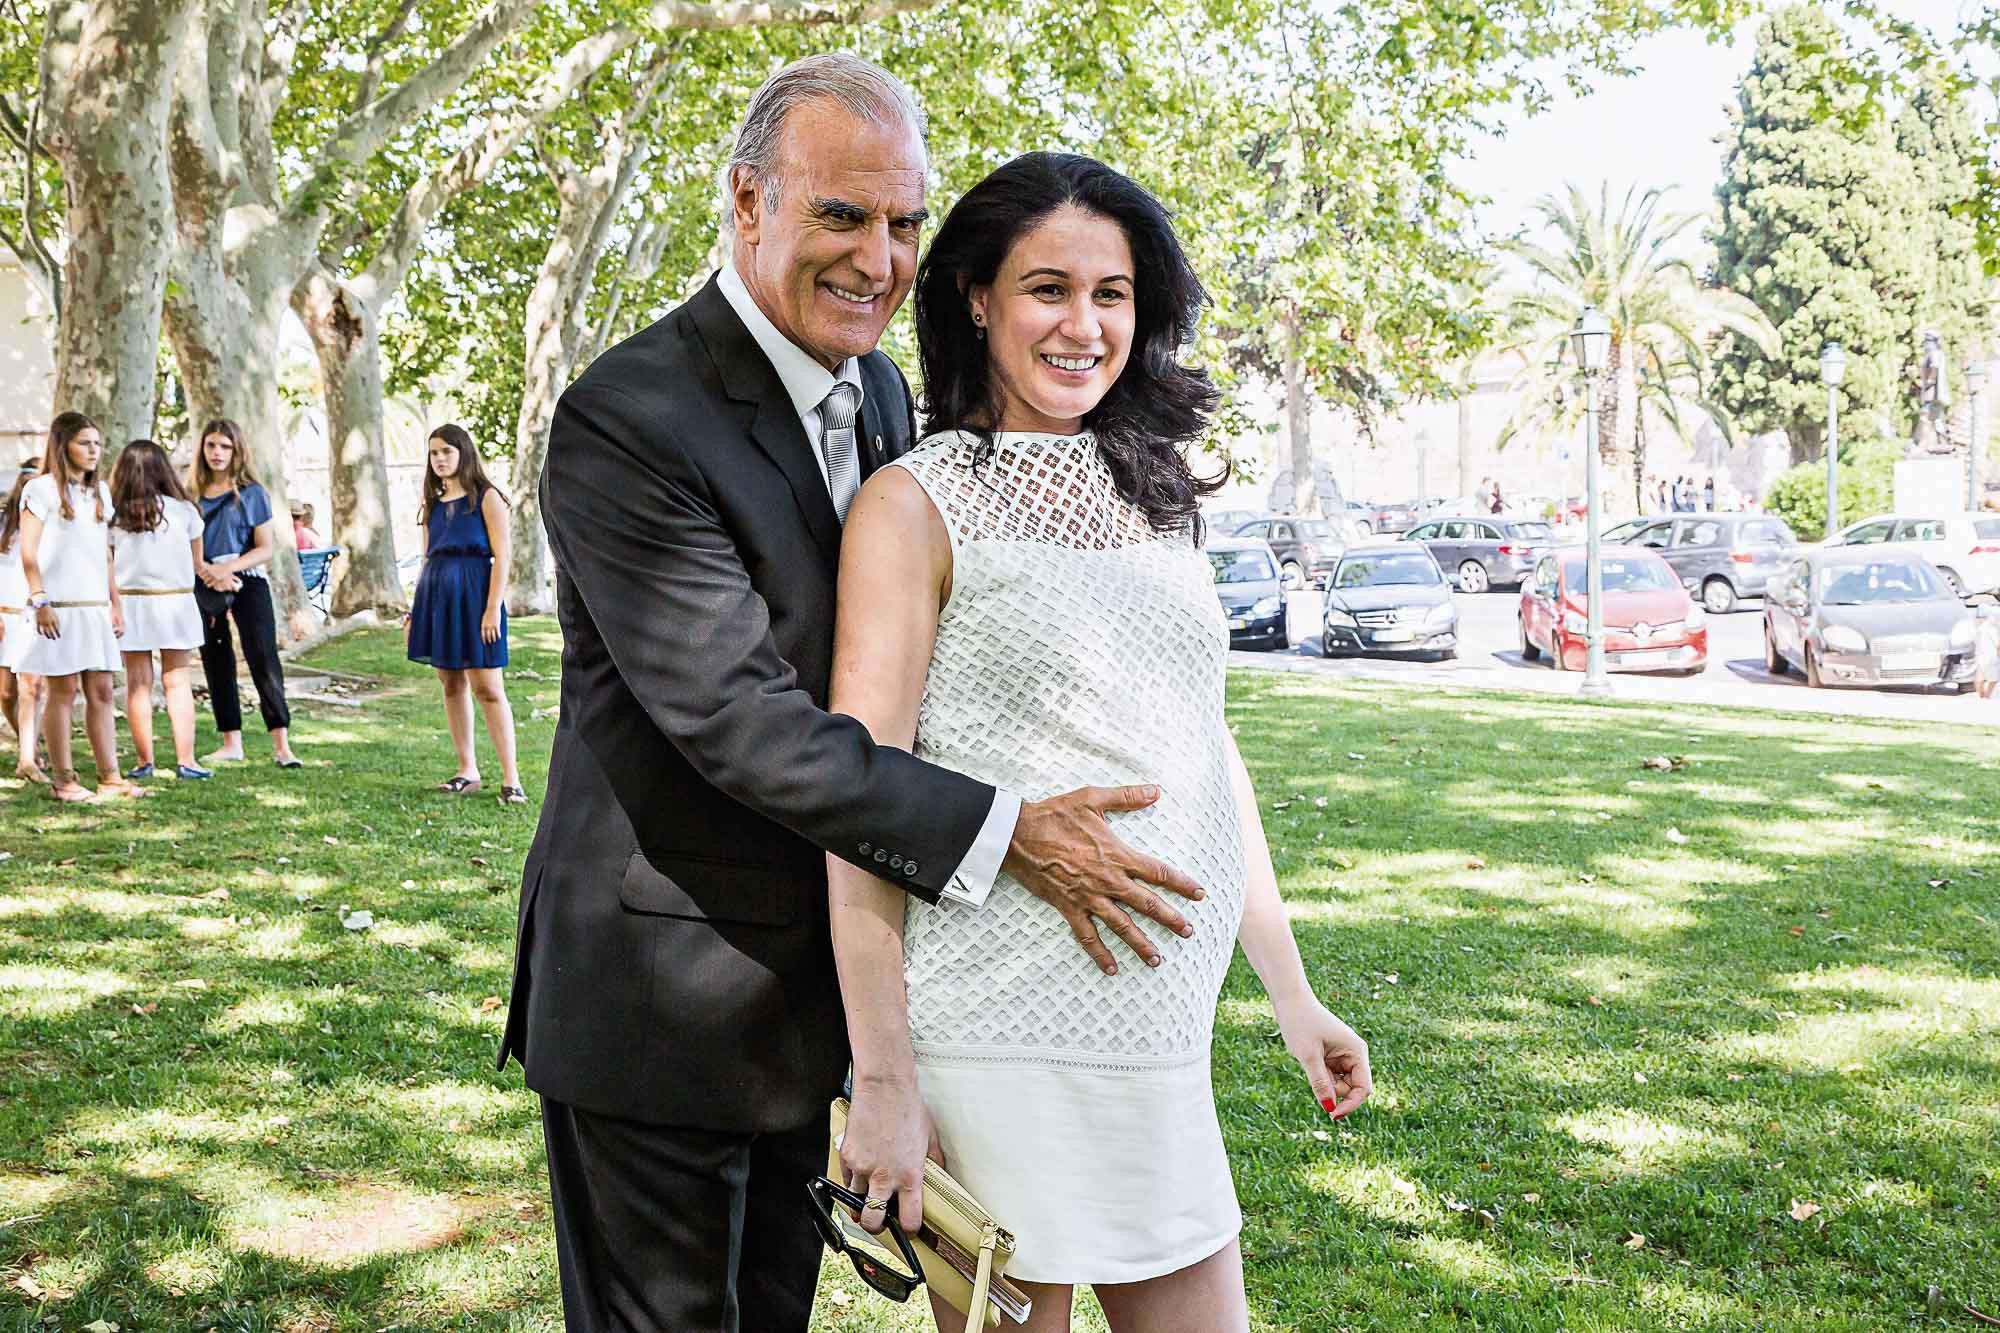 Casamento Bernardo Pinto Coelho_170716_0075.jpg